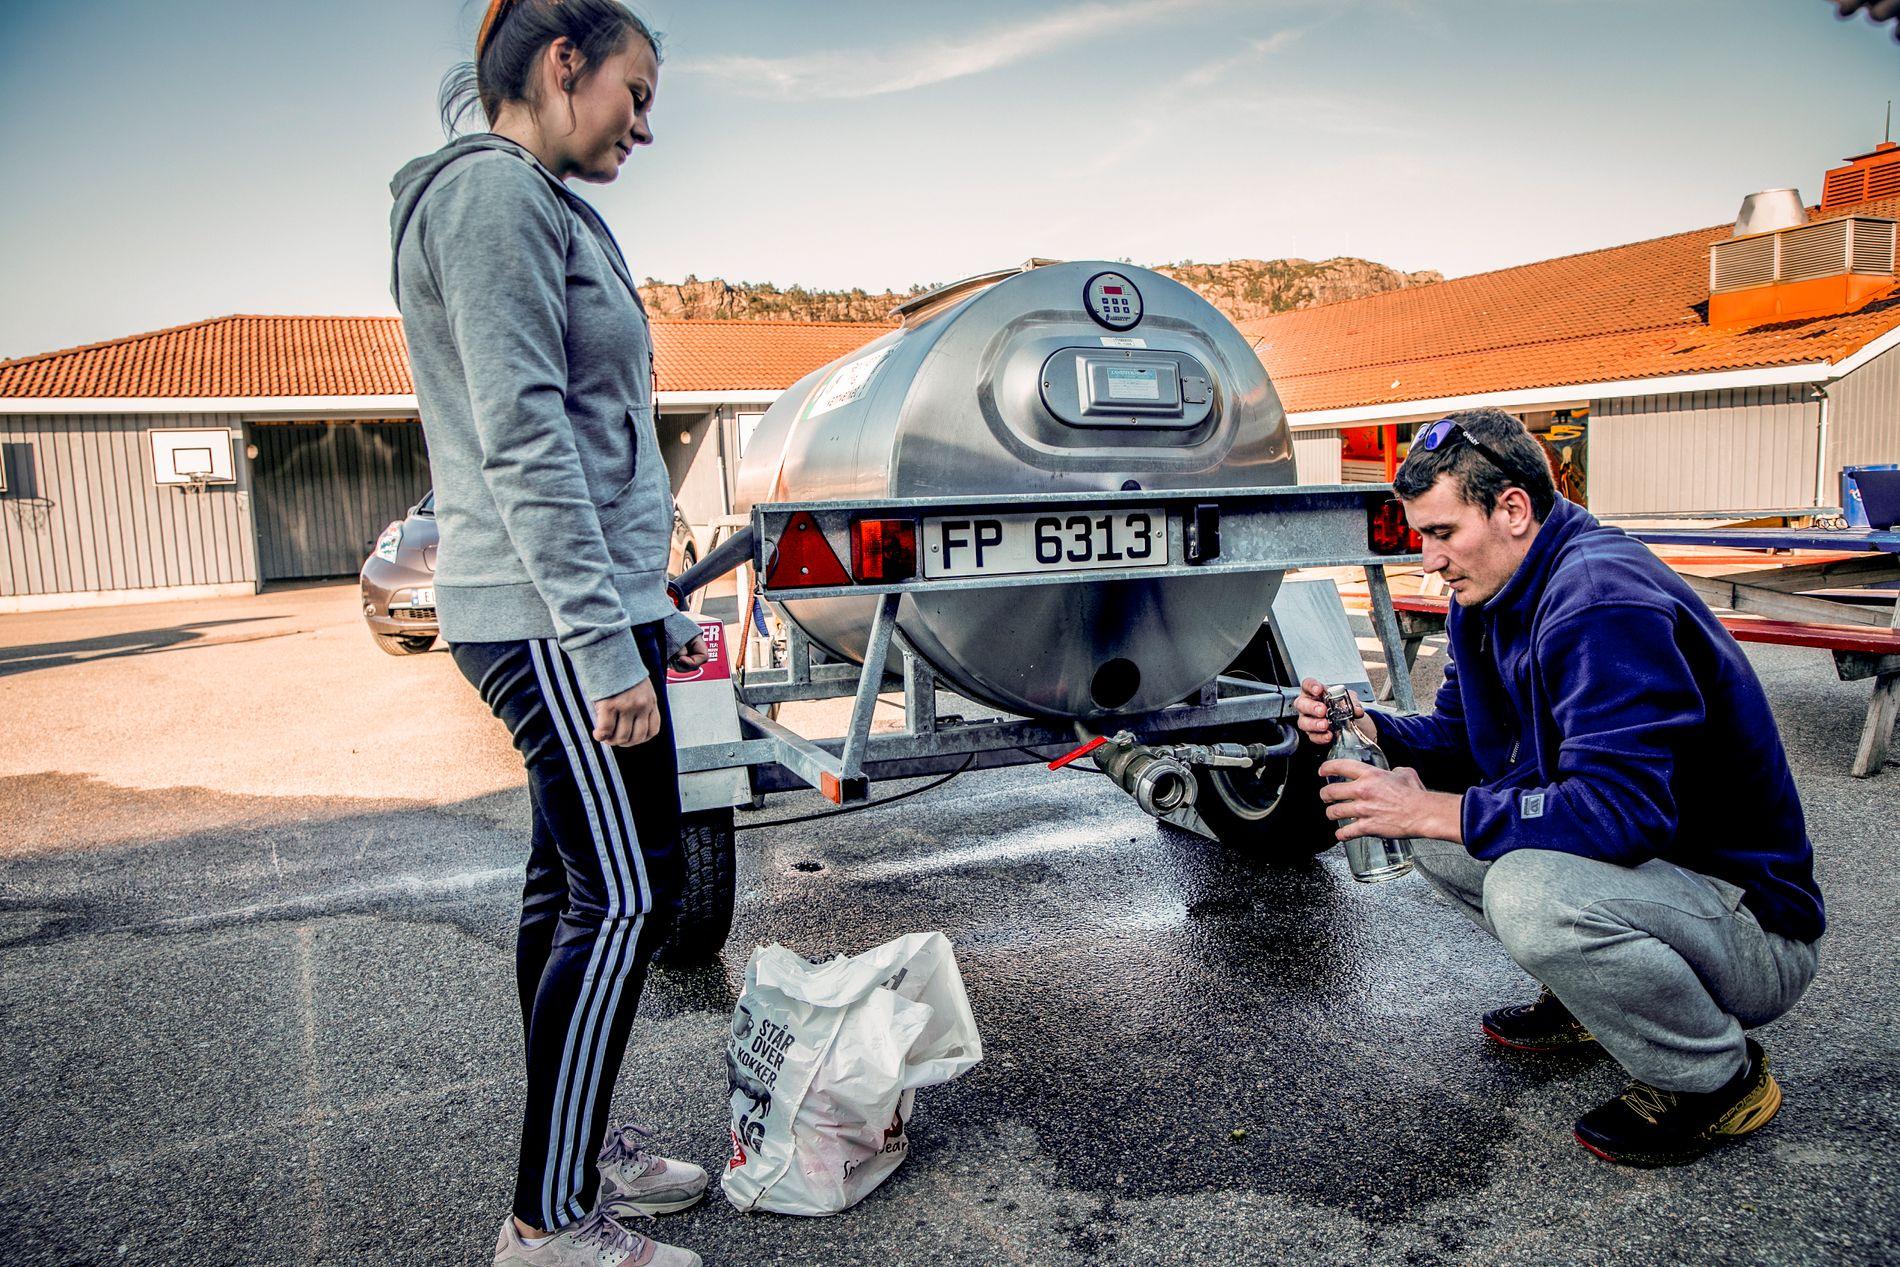 FYLLER VANN: Daniel Følling (29) og Karoline Bekkenes (22) henter vann på en vannstasjon kommunen har satt opp. De bor i området der flest har vært smittet.